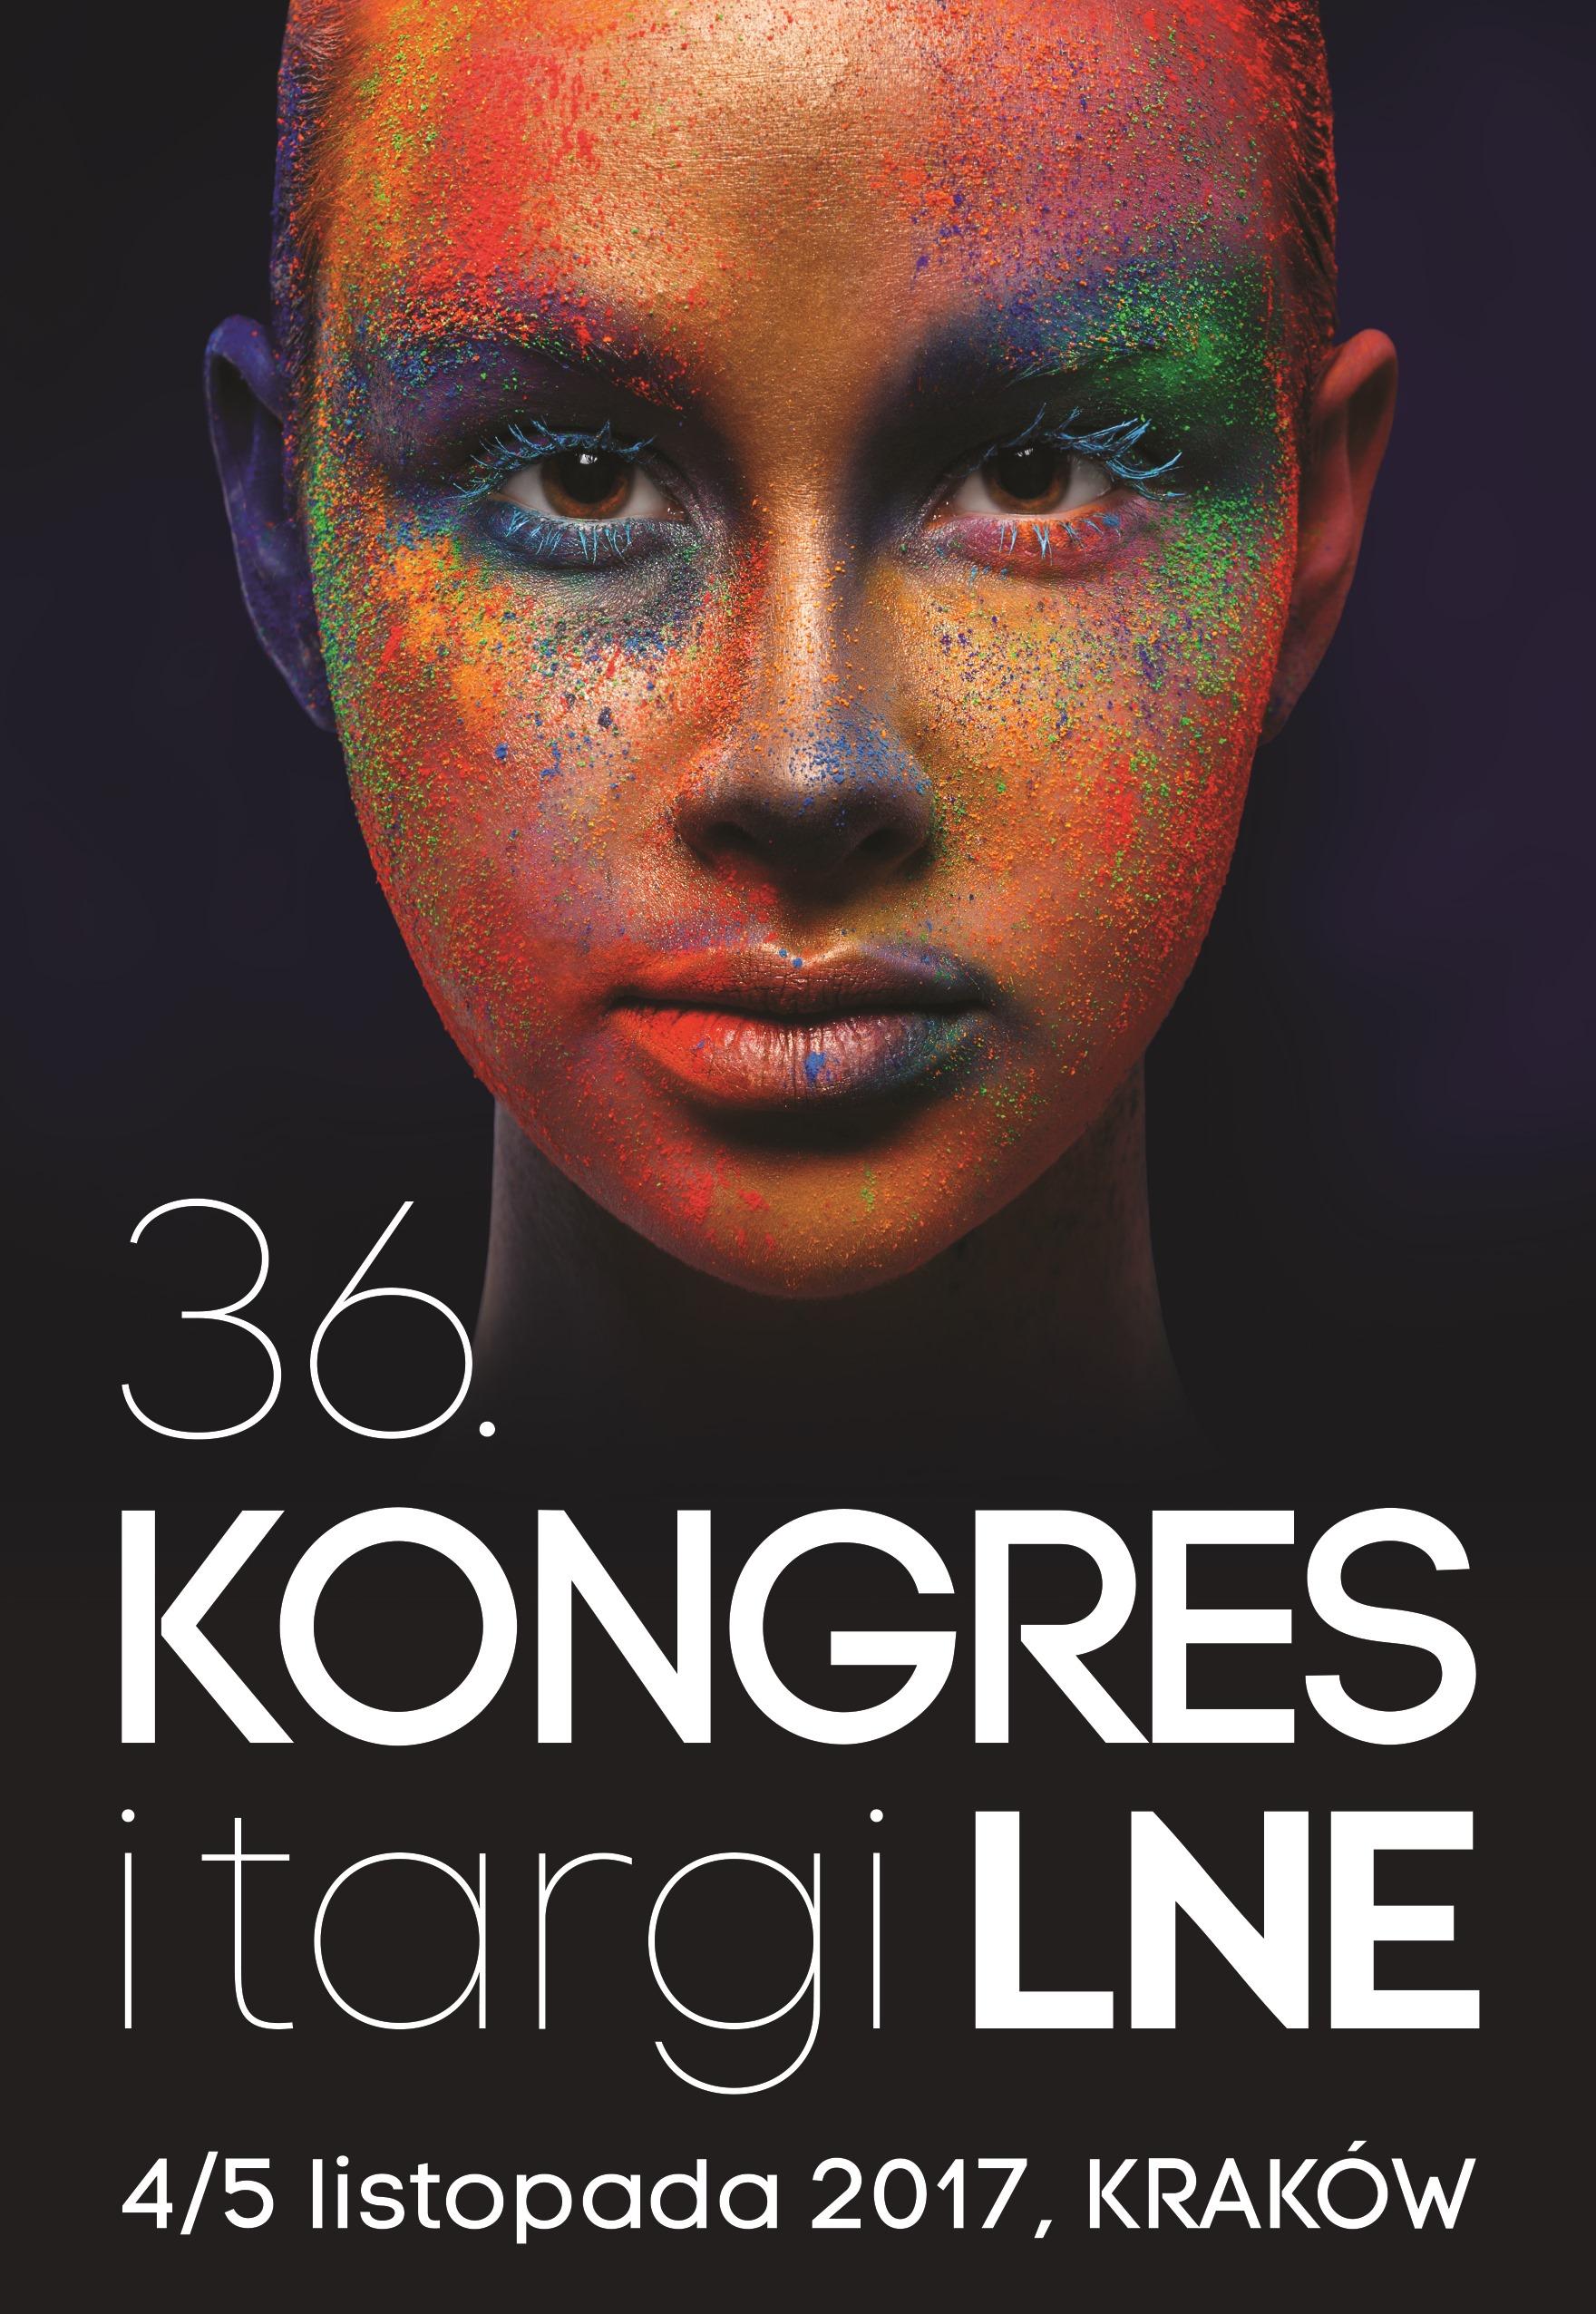 Kongres LNE w krakowie_Codziennik Kosmetyczny